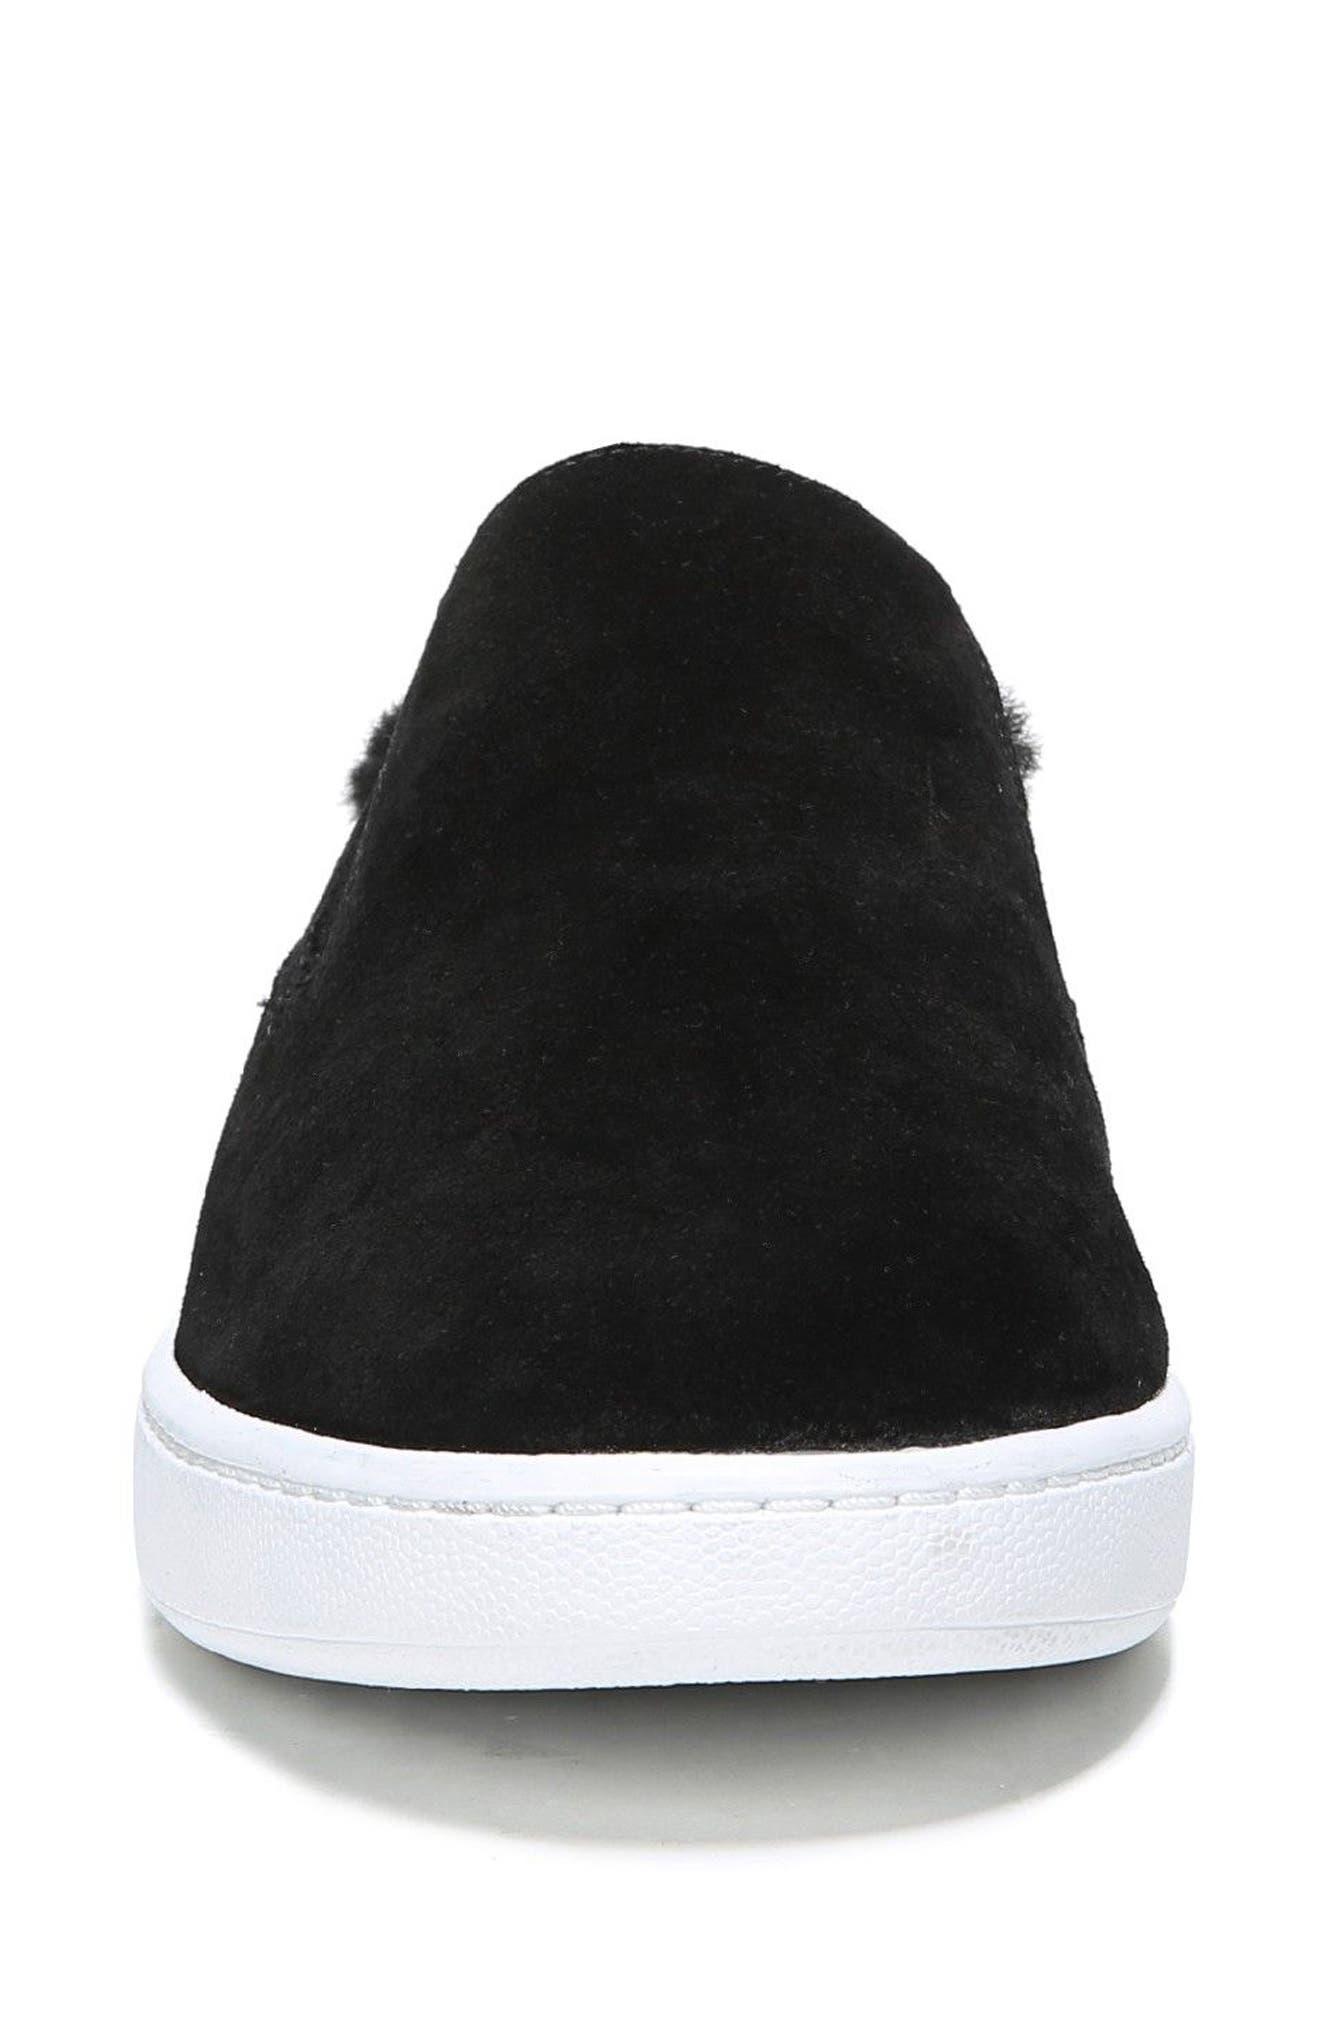 Verrell Genuine Shearling Slip-On Sneaker,                             Alternate thumbnail 4, color,                             001